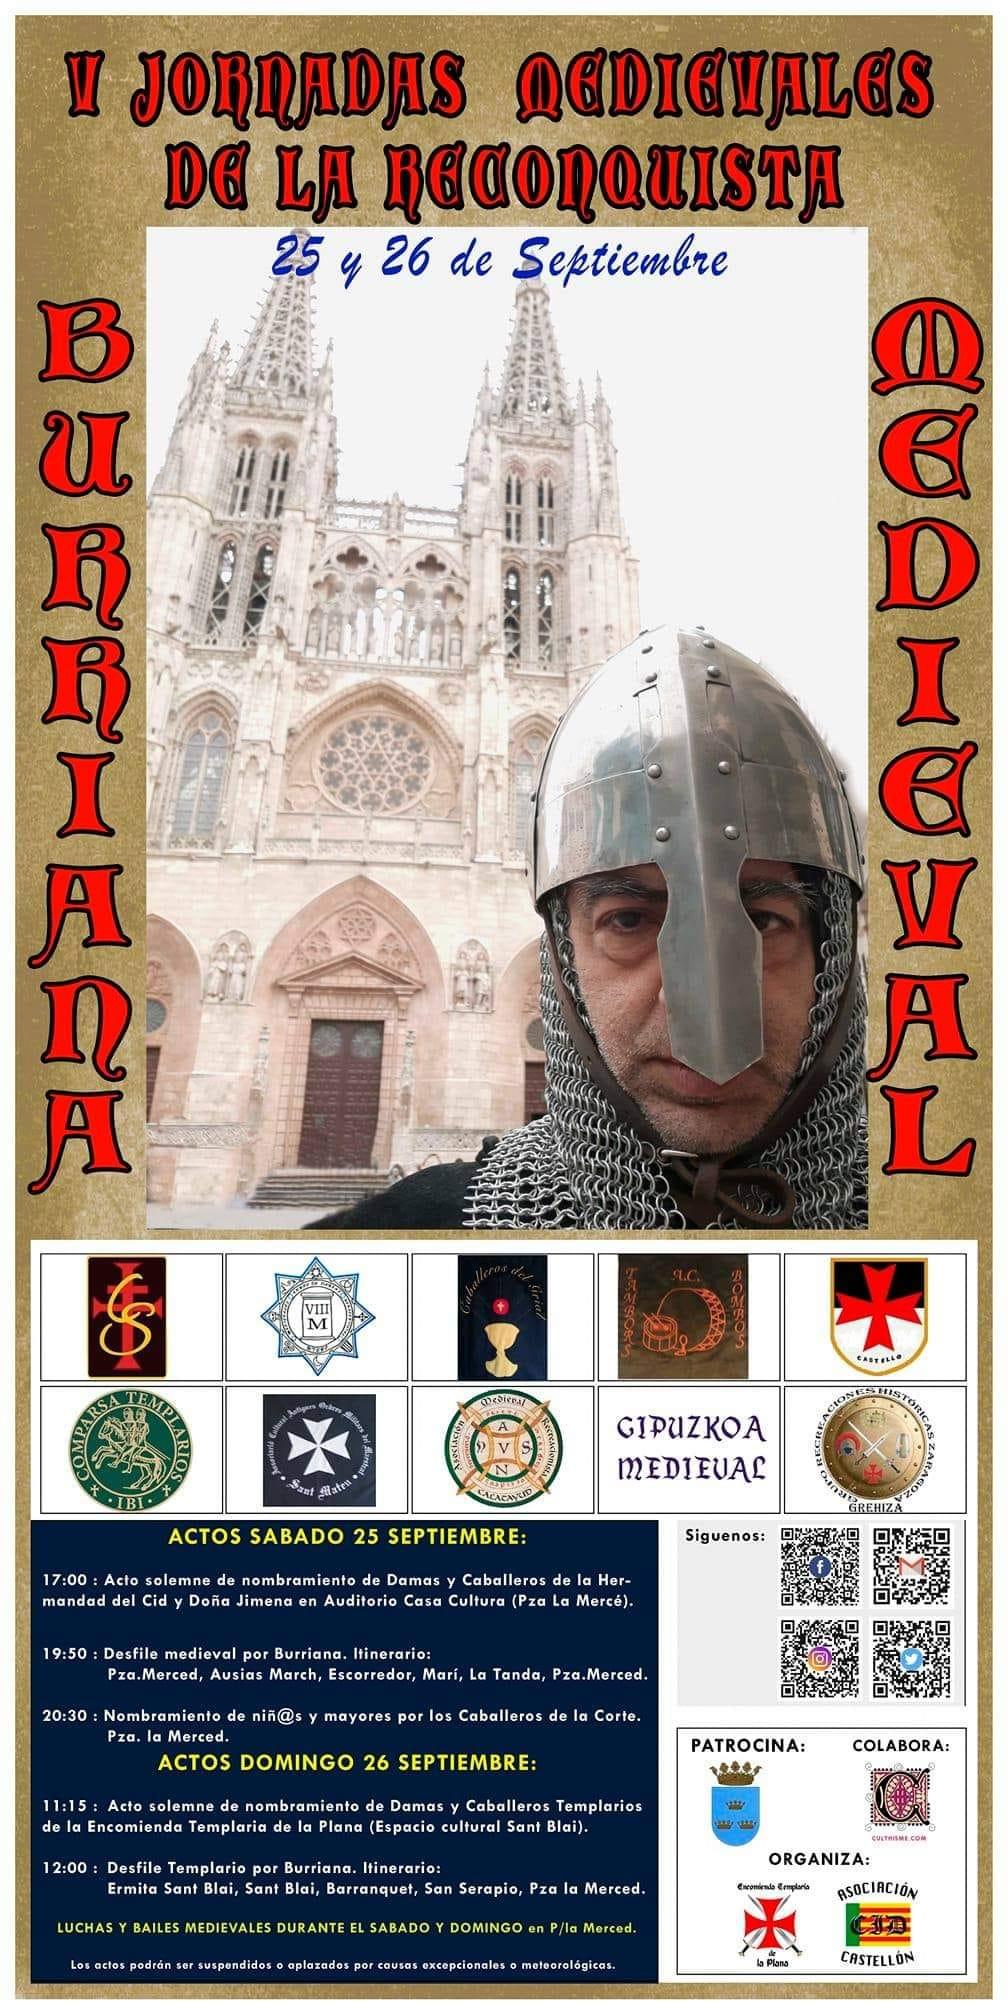 Borriana retornará a la época medieval con las V Jornadas de la Reconquista